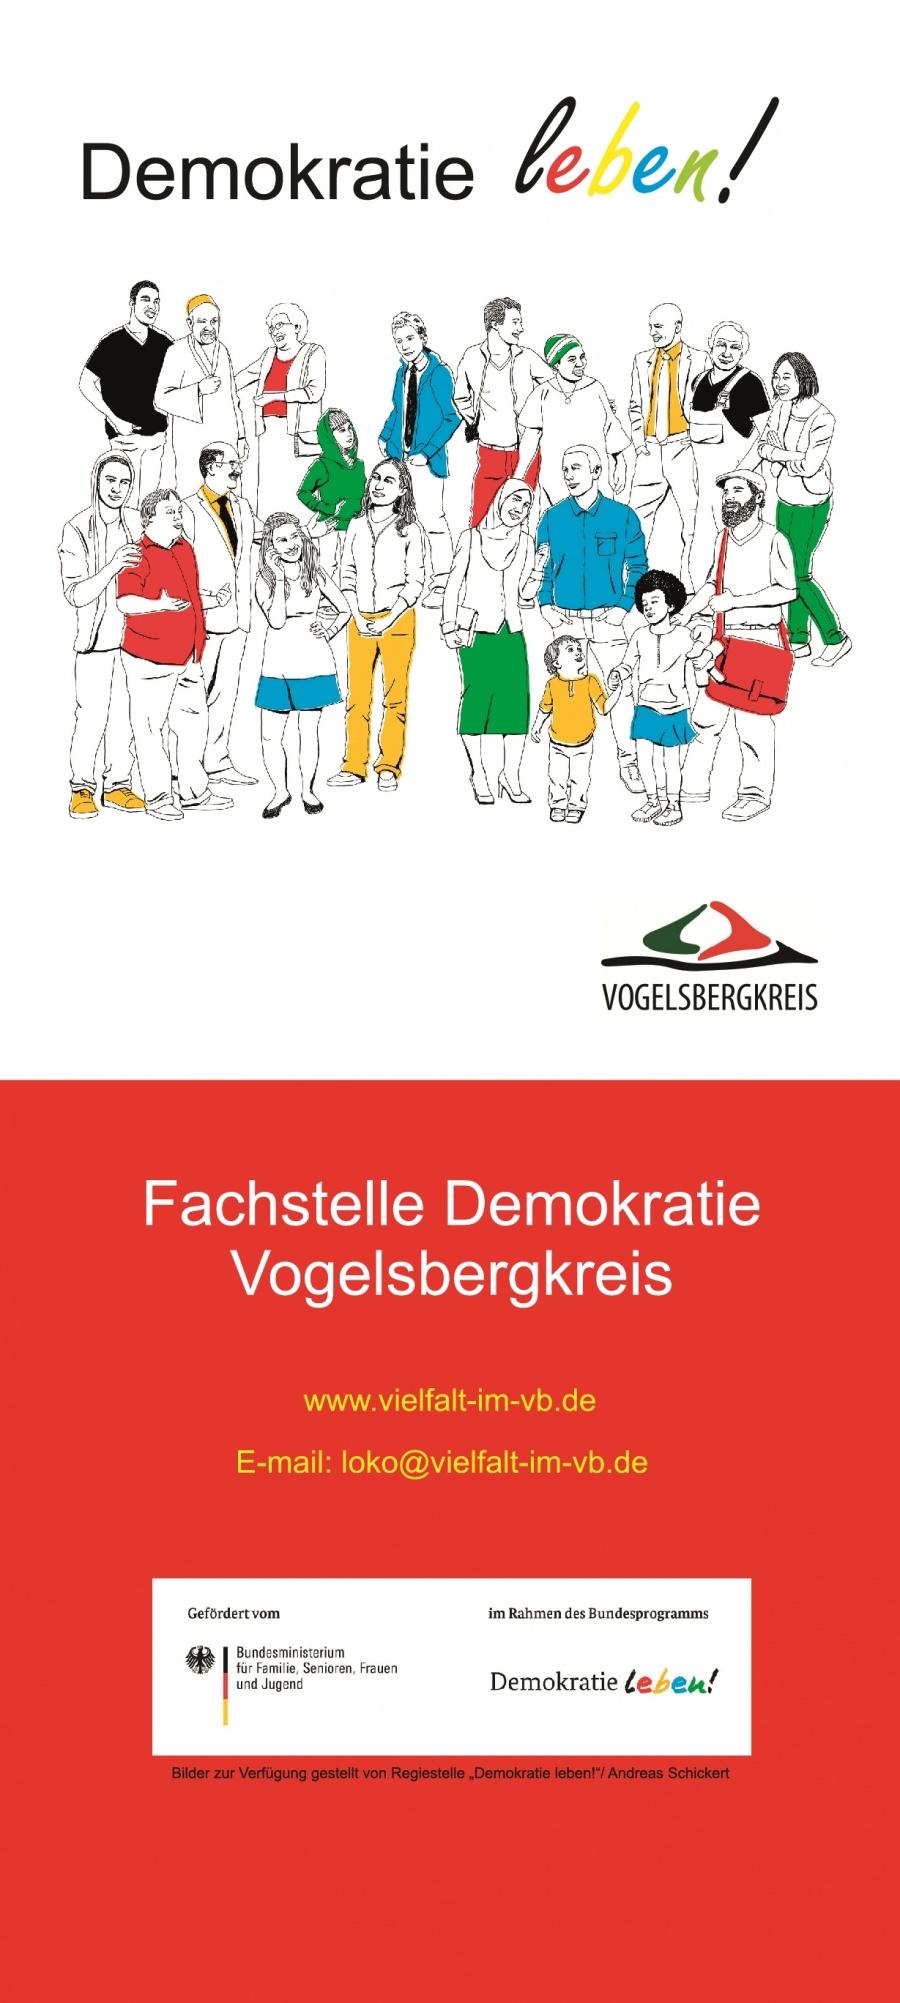 roll up demokratie leben_vb2_klein